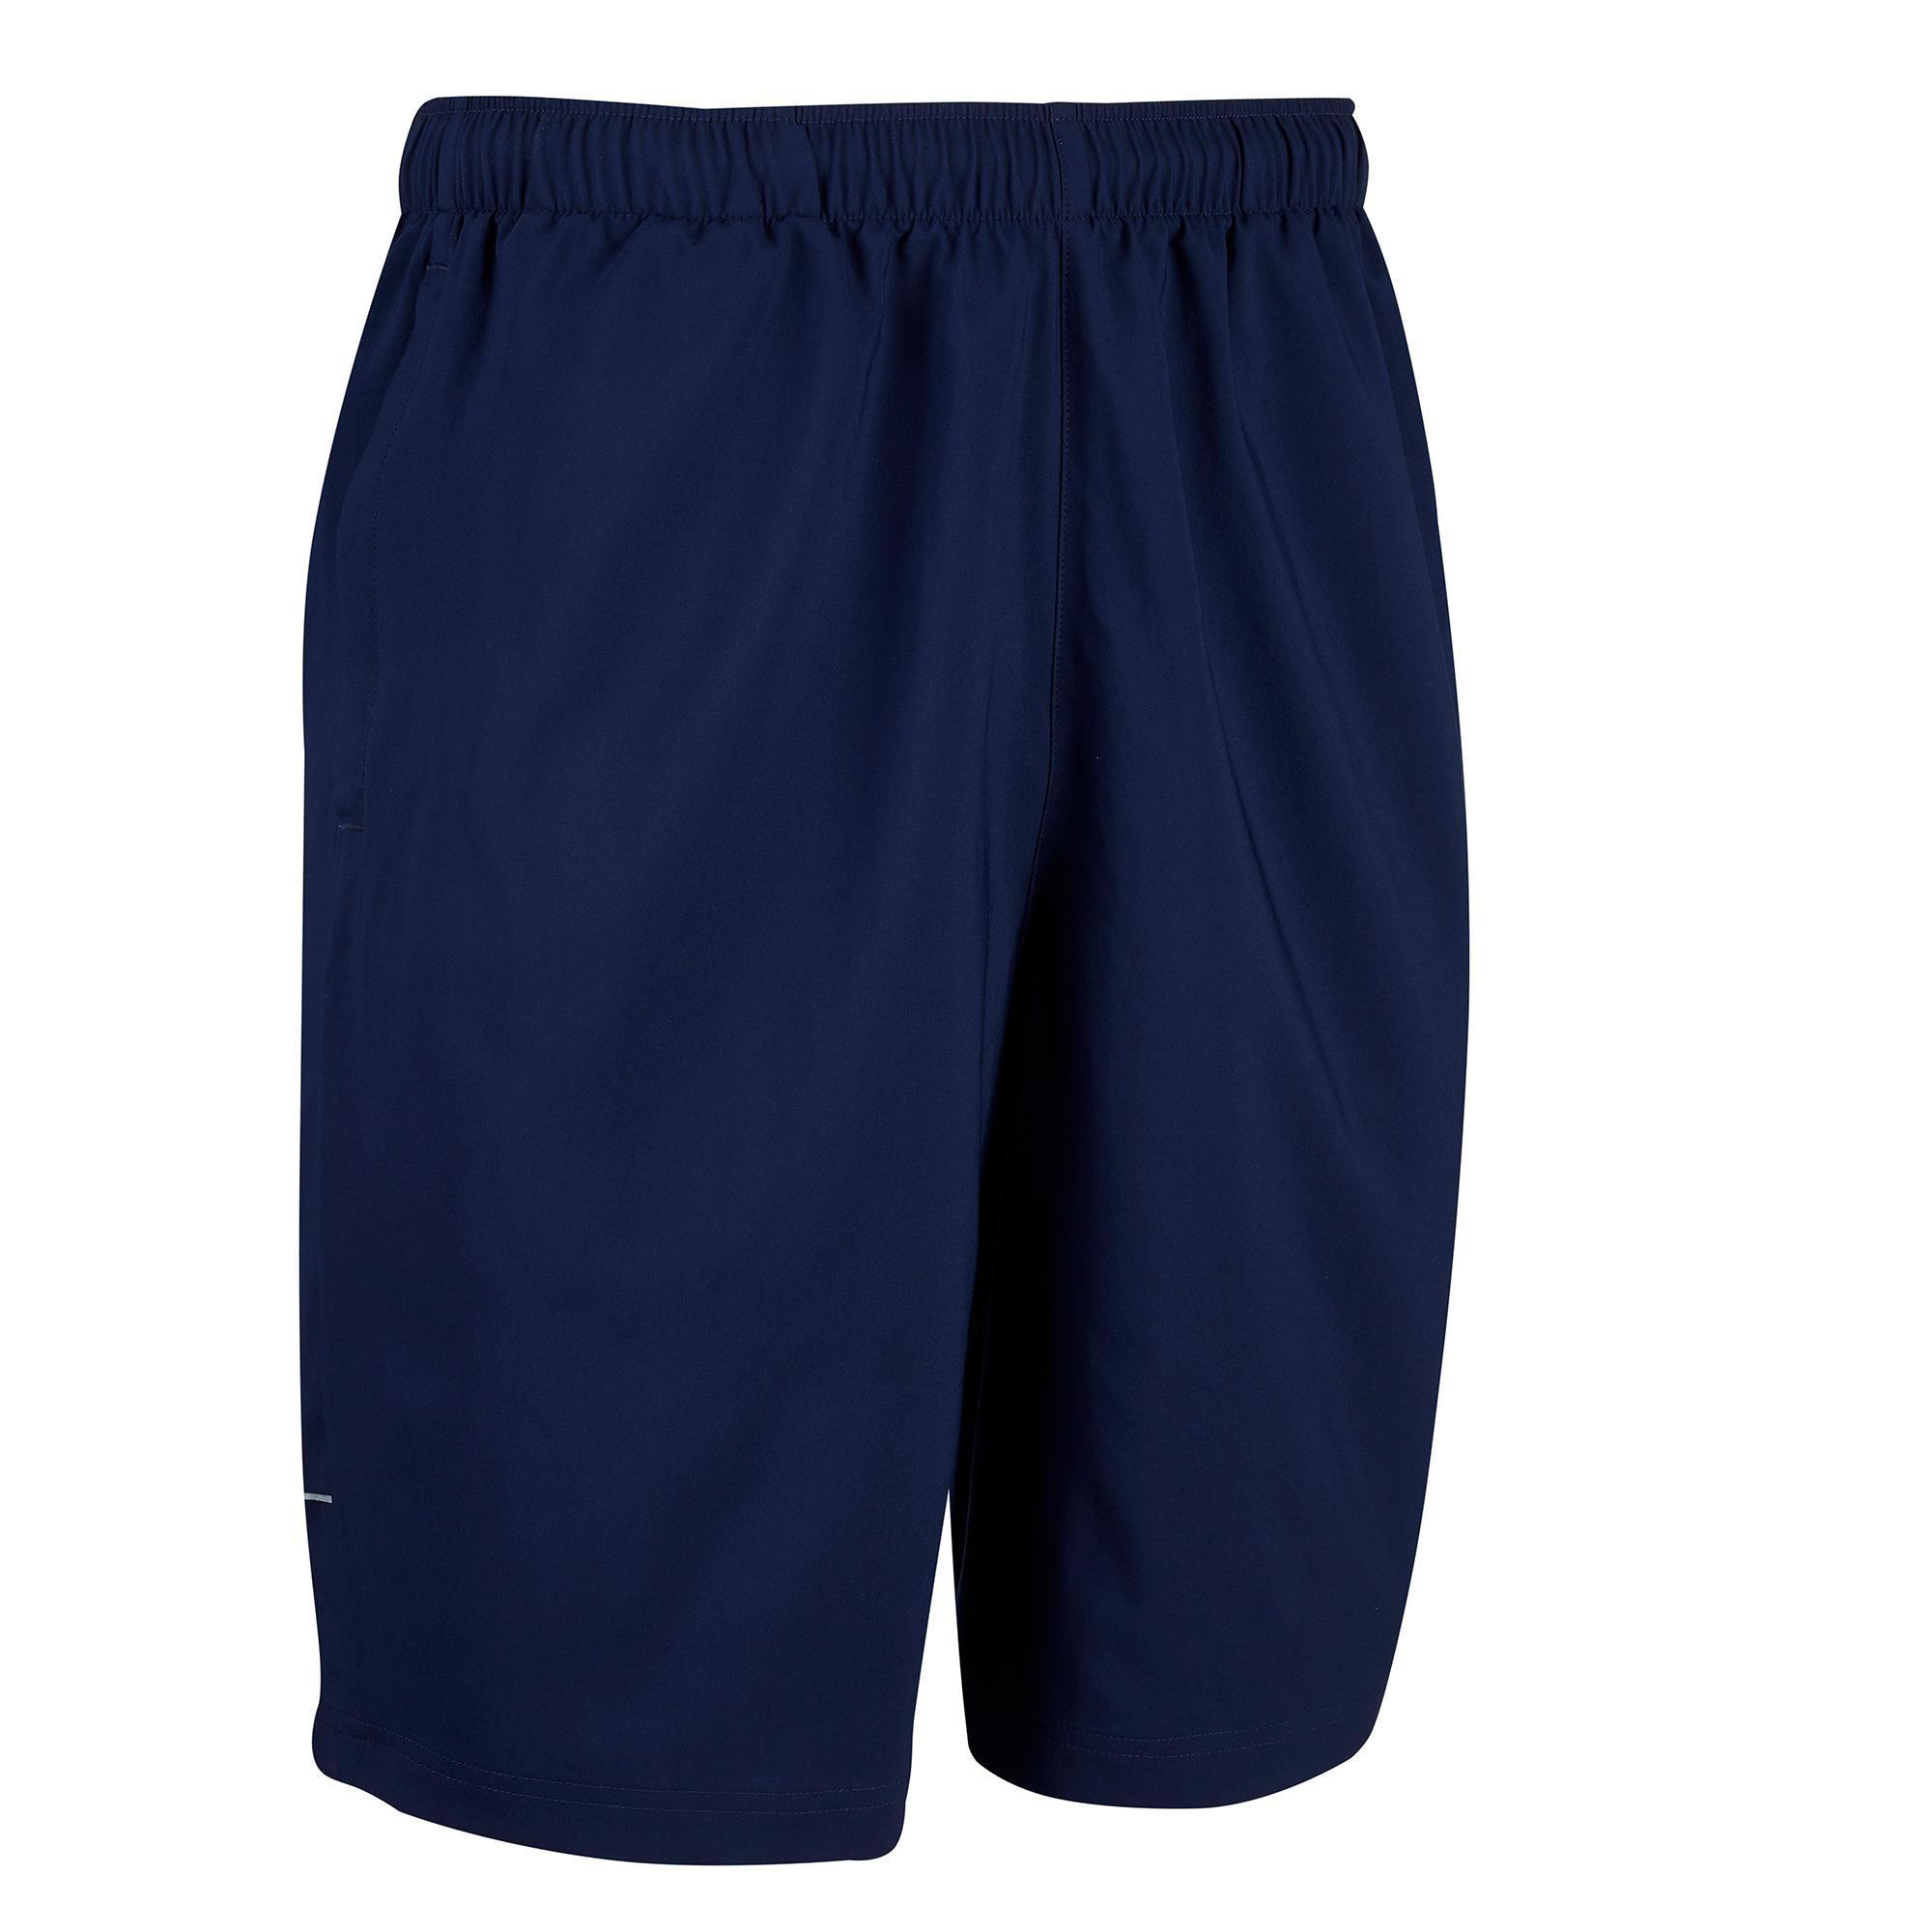 Größe 7 riesige Auswahl an Neue Produkte Shorts Herren | kurze Hosen & kurze Tights | DECATHLON